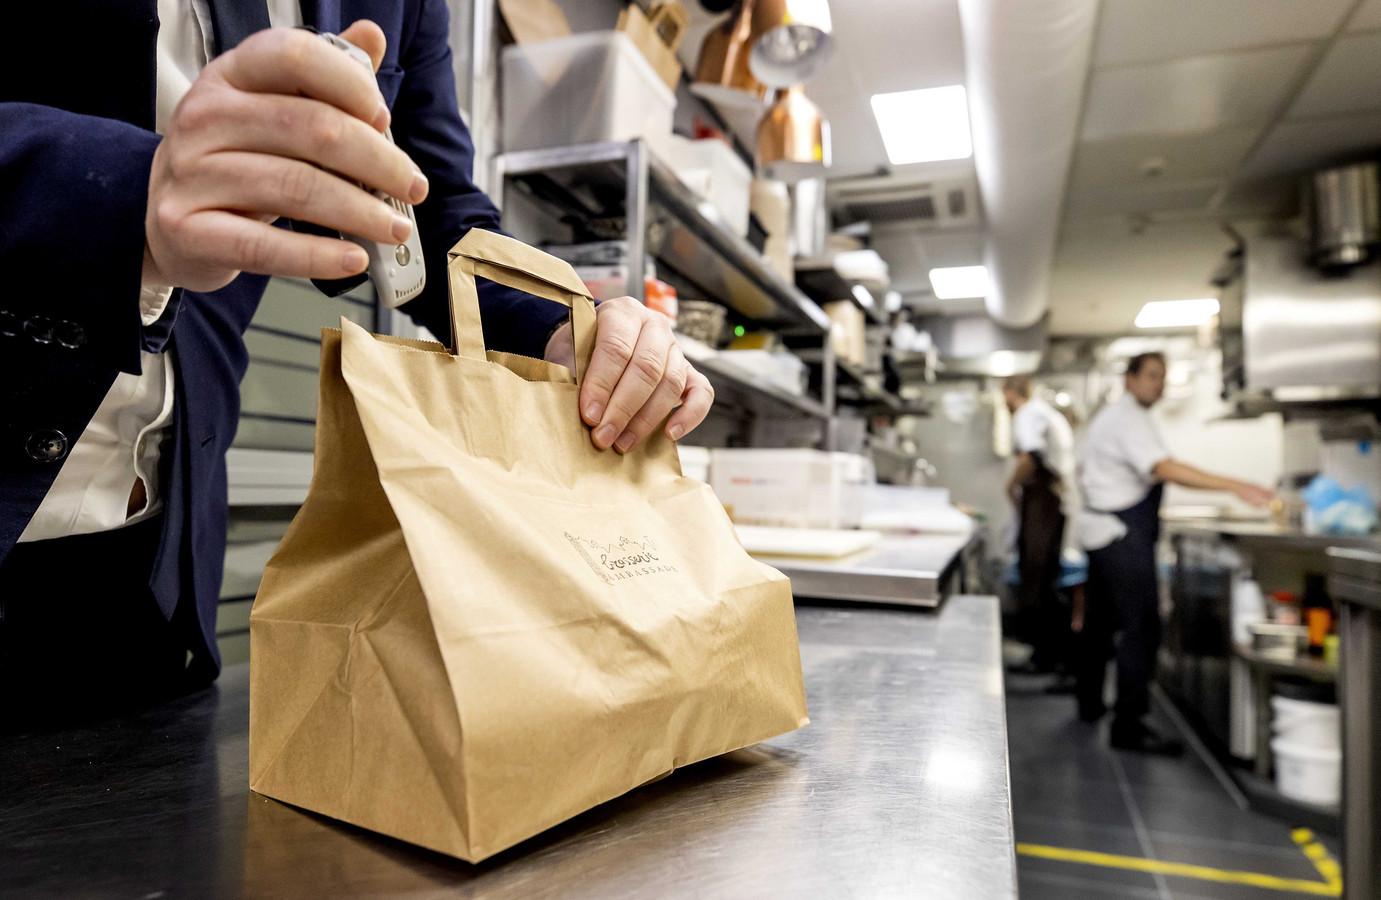 Afhaalmaaltijden worden bereid in de keuken van een restaurant.